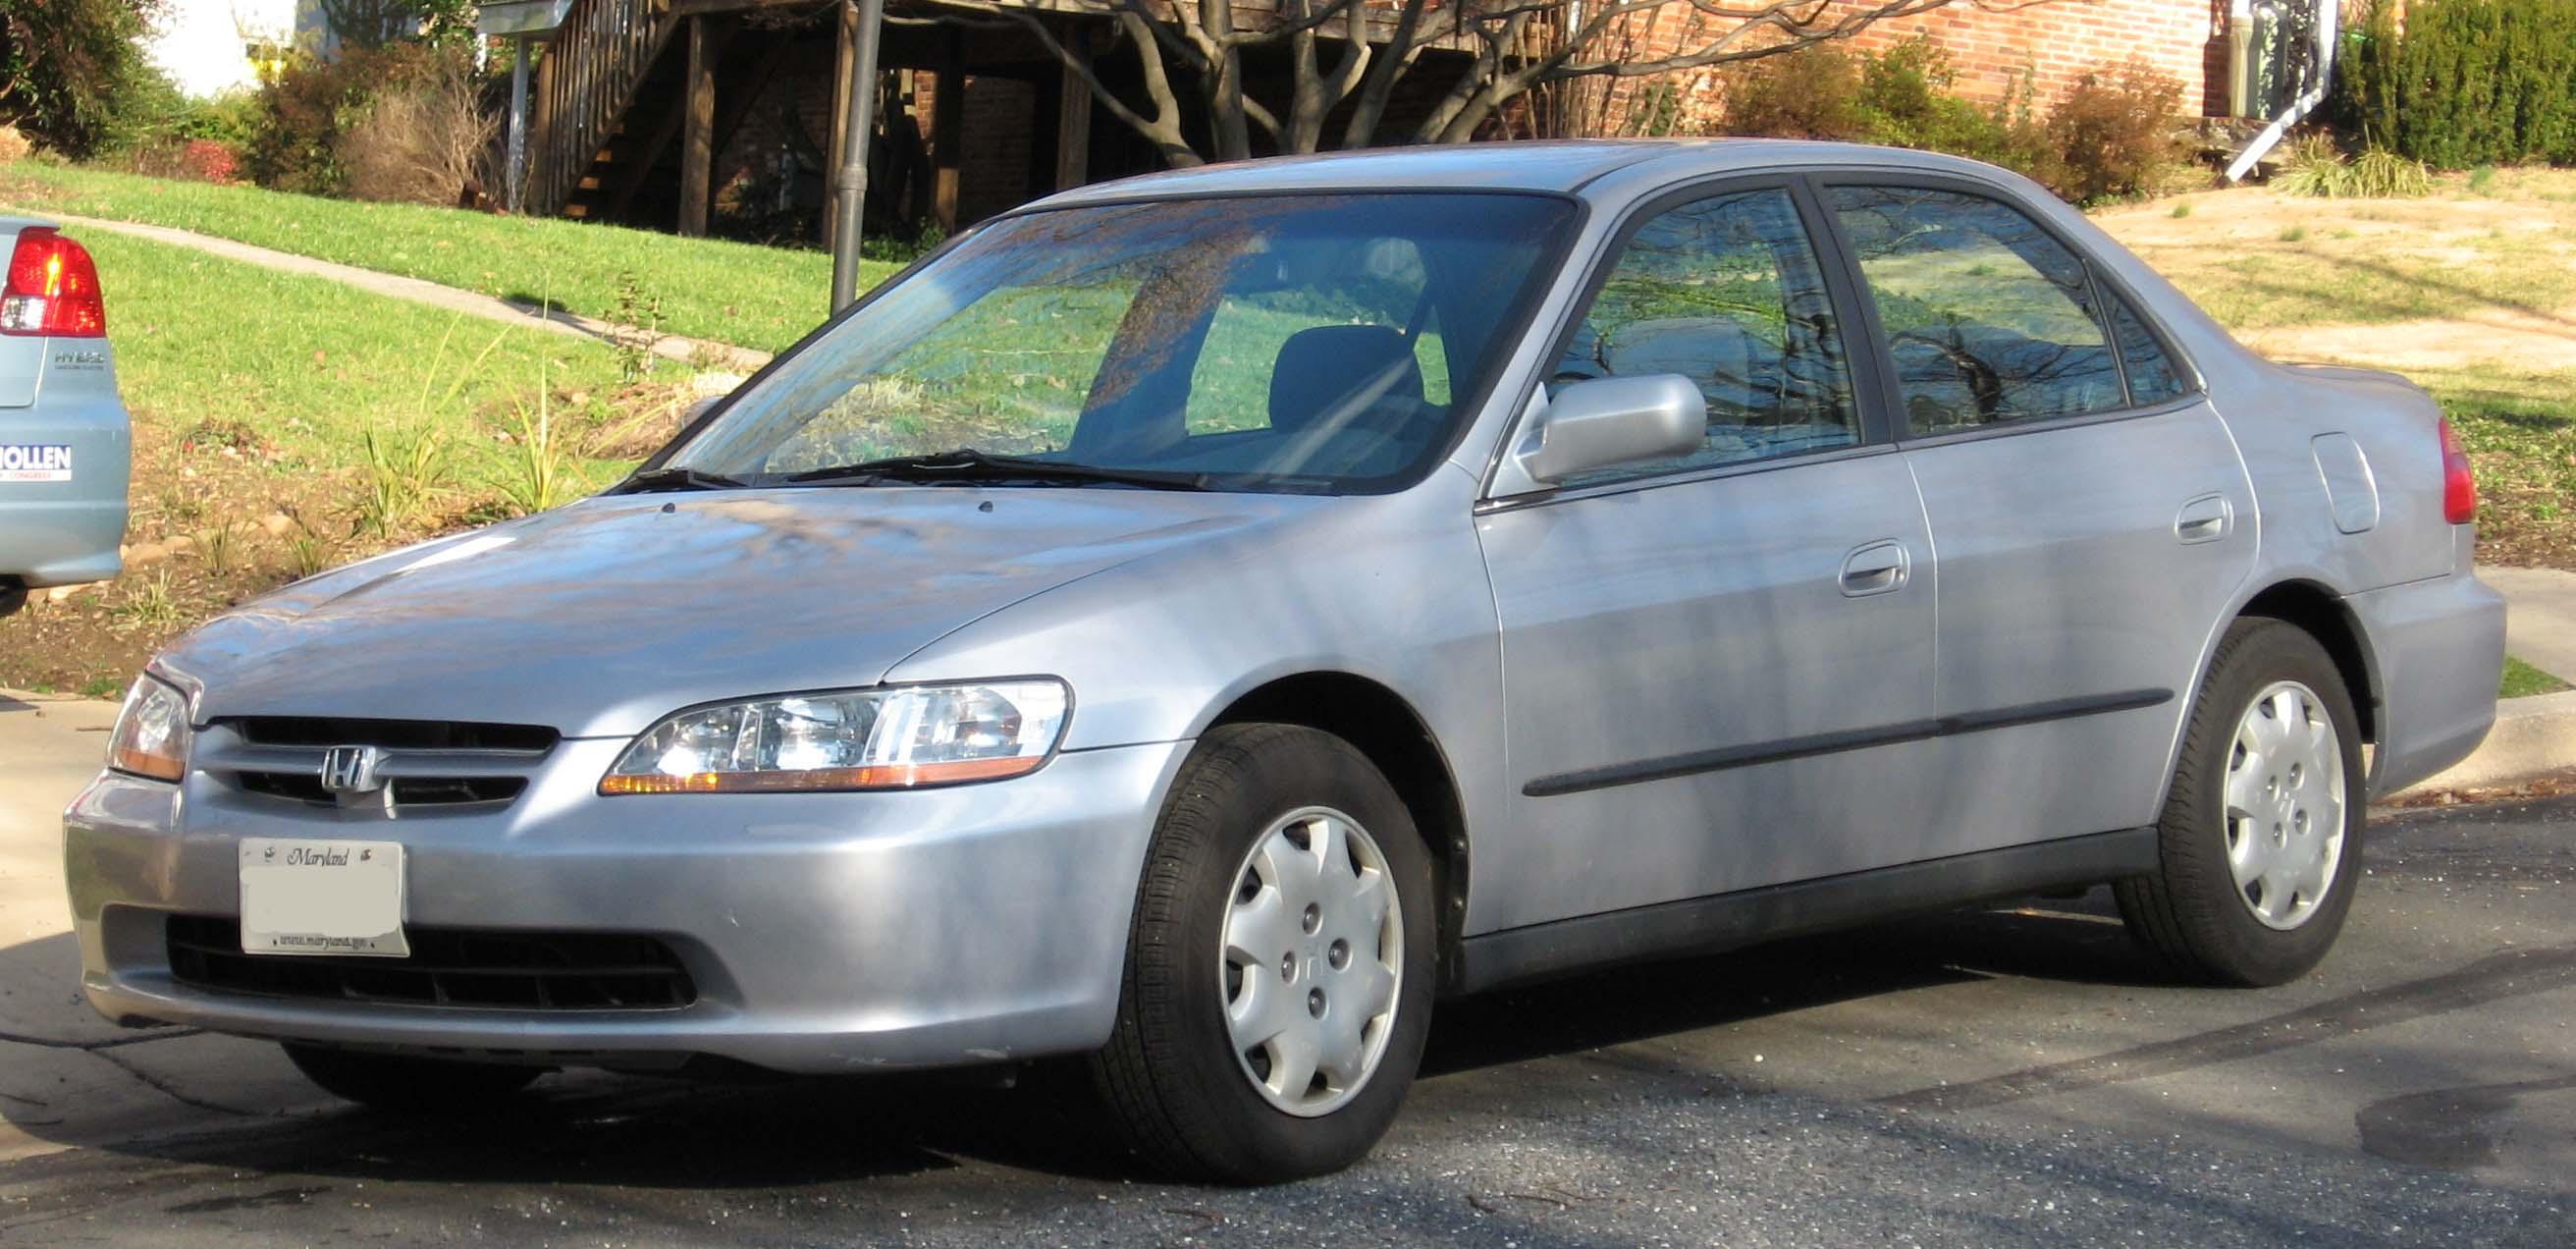 File:98-00 Honda Accord 2.jpg - Wikimedia Commons